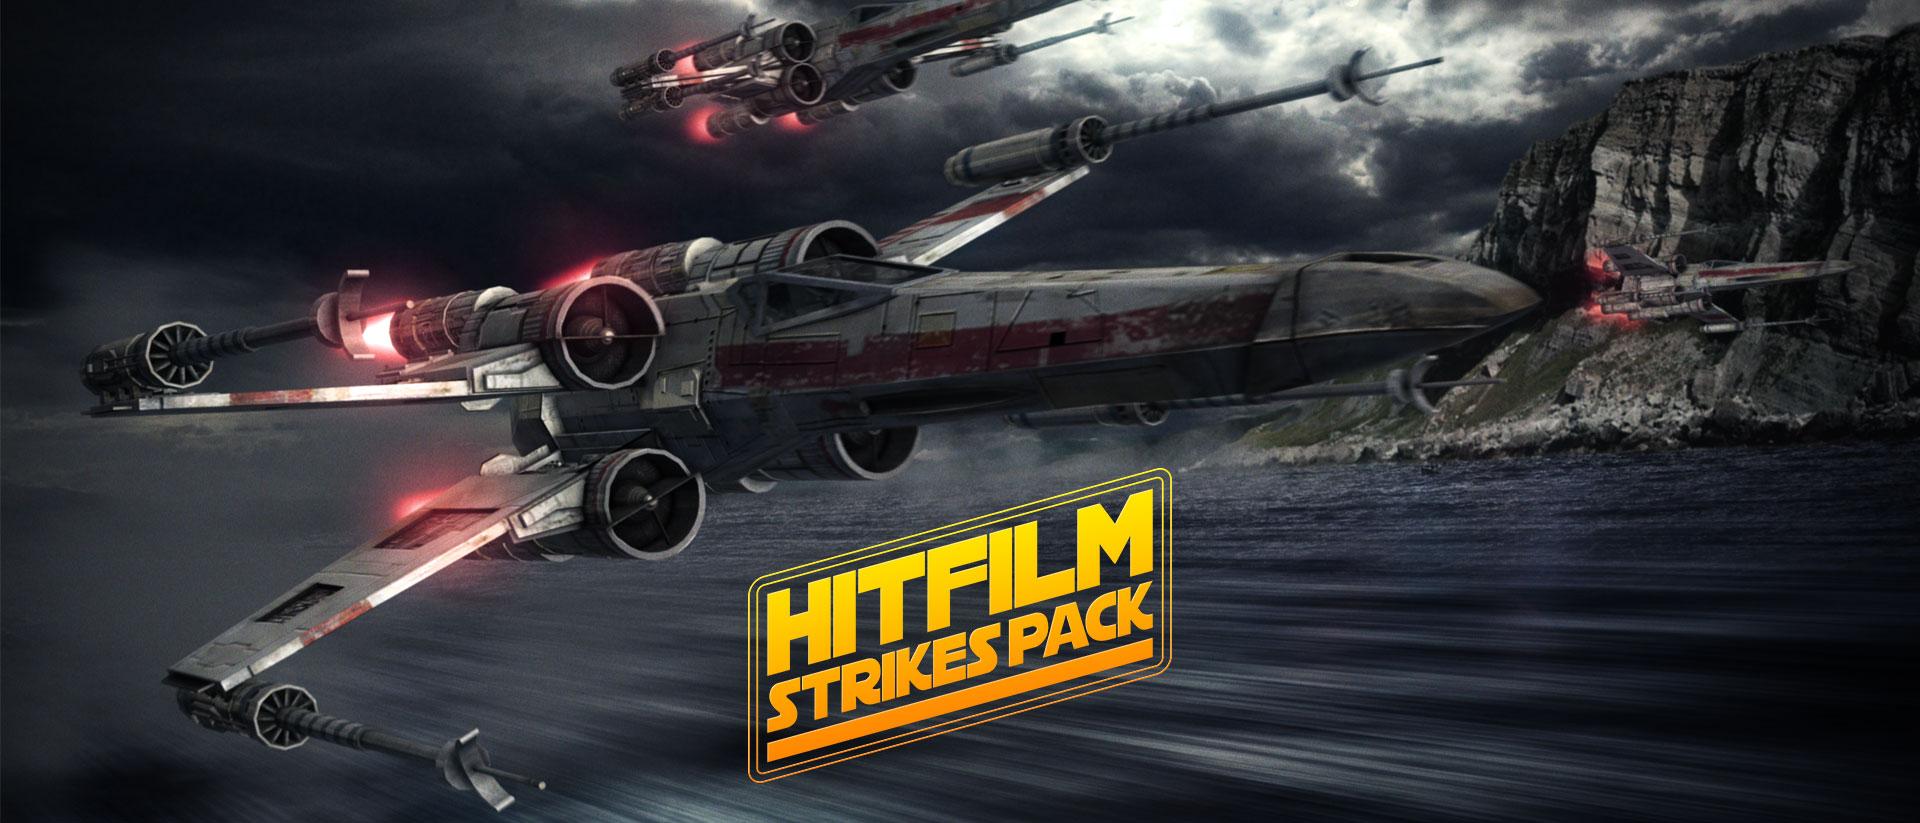 HitFilm 3 Express Special Edition – inScape Digital